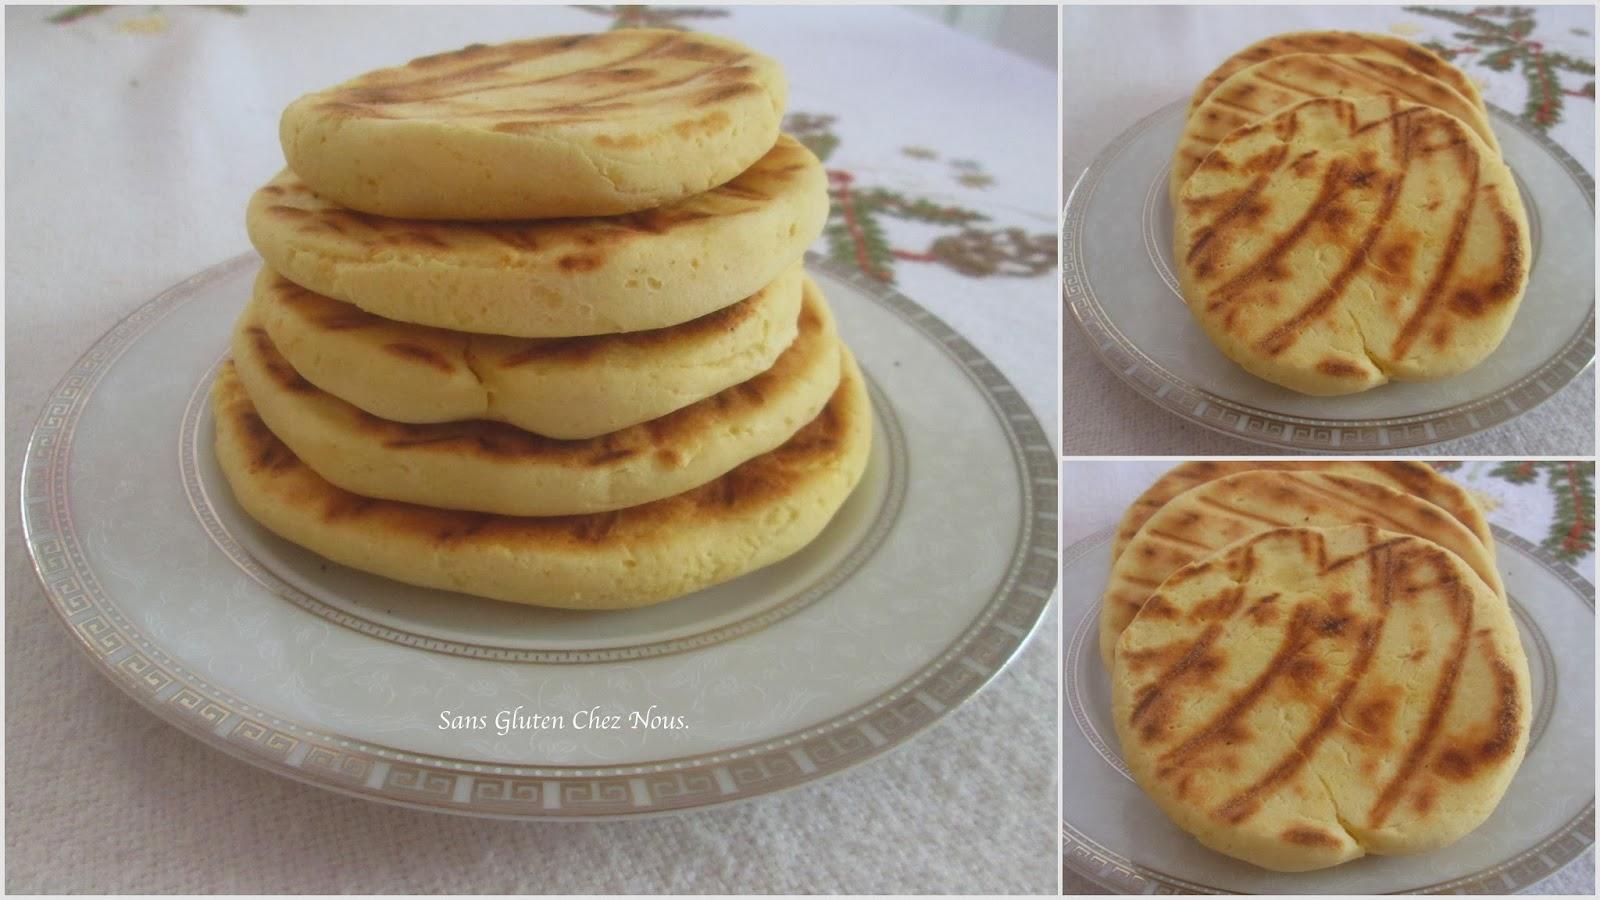 Sans gluten en tunisie pain sans gluten la po le - Faire du pain sans gluten ...